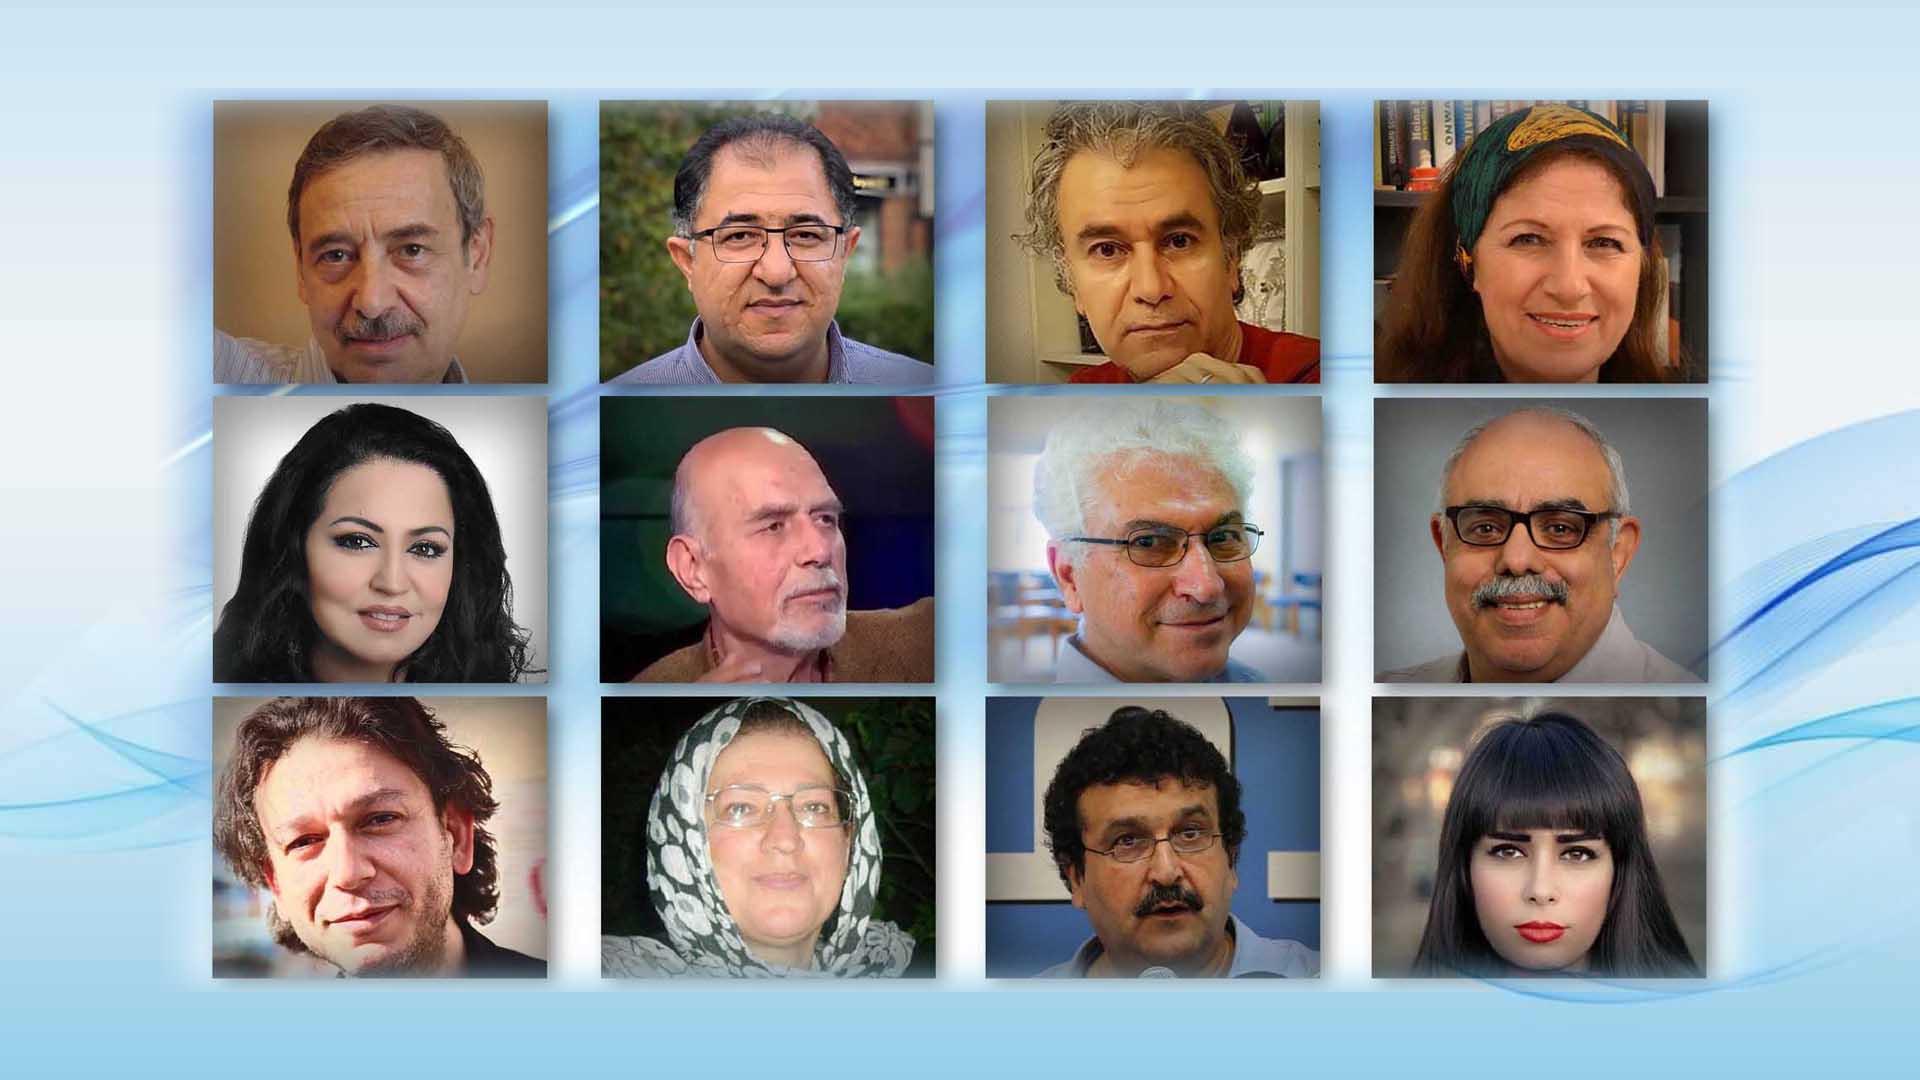 الرواية السورية عندما تواجه الاستبداد والطغيان